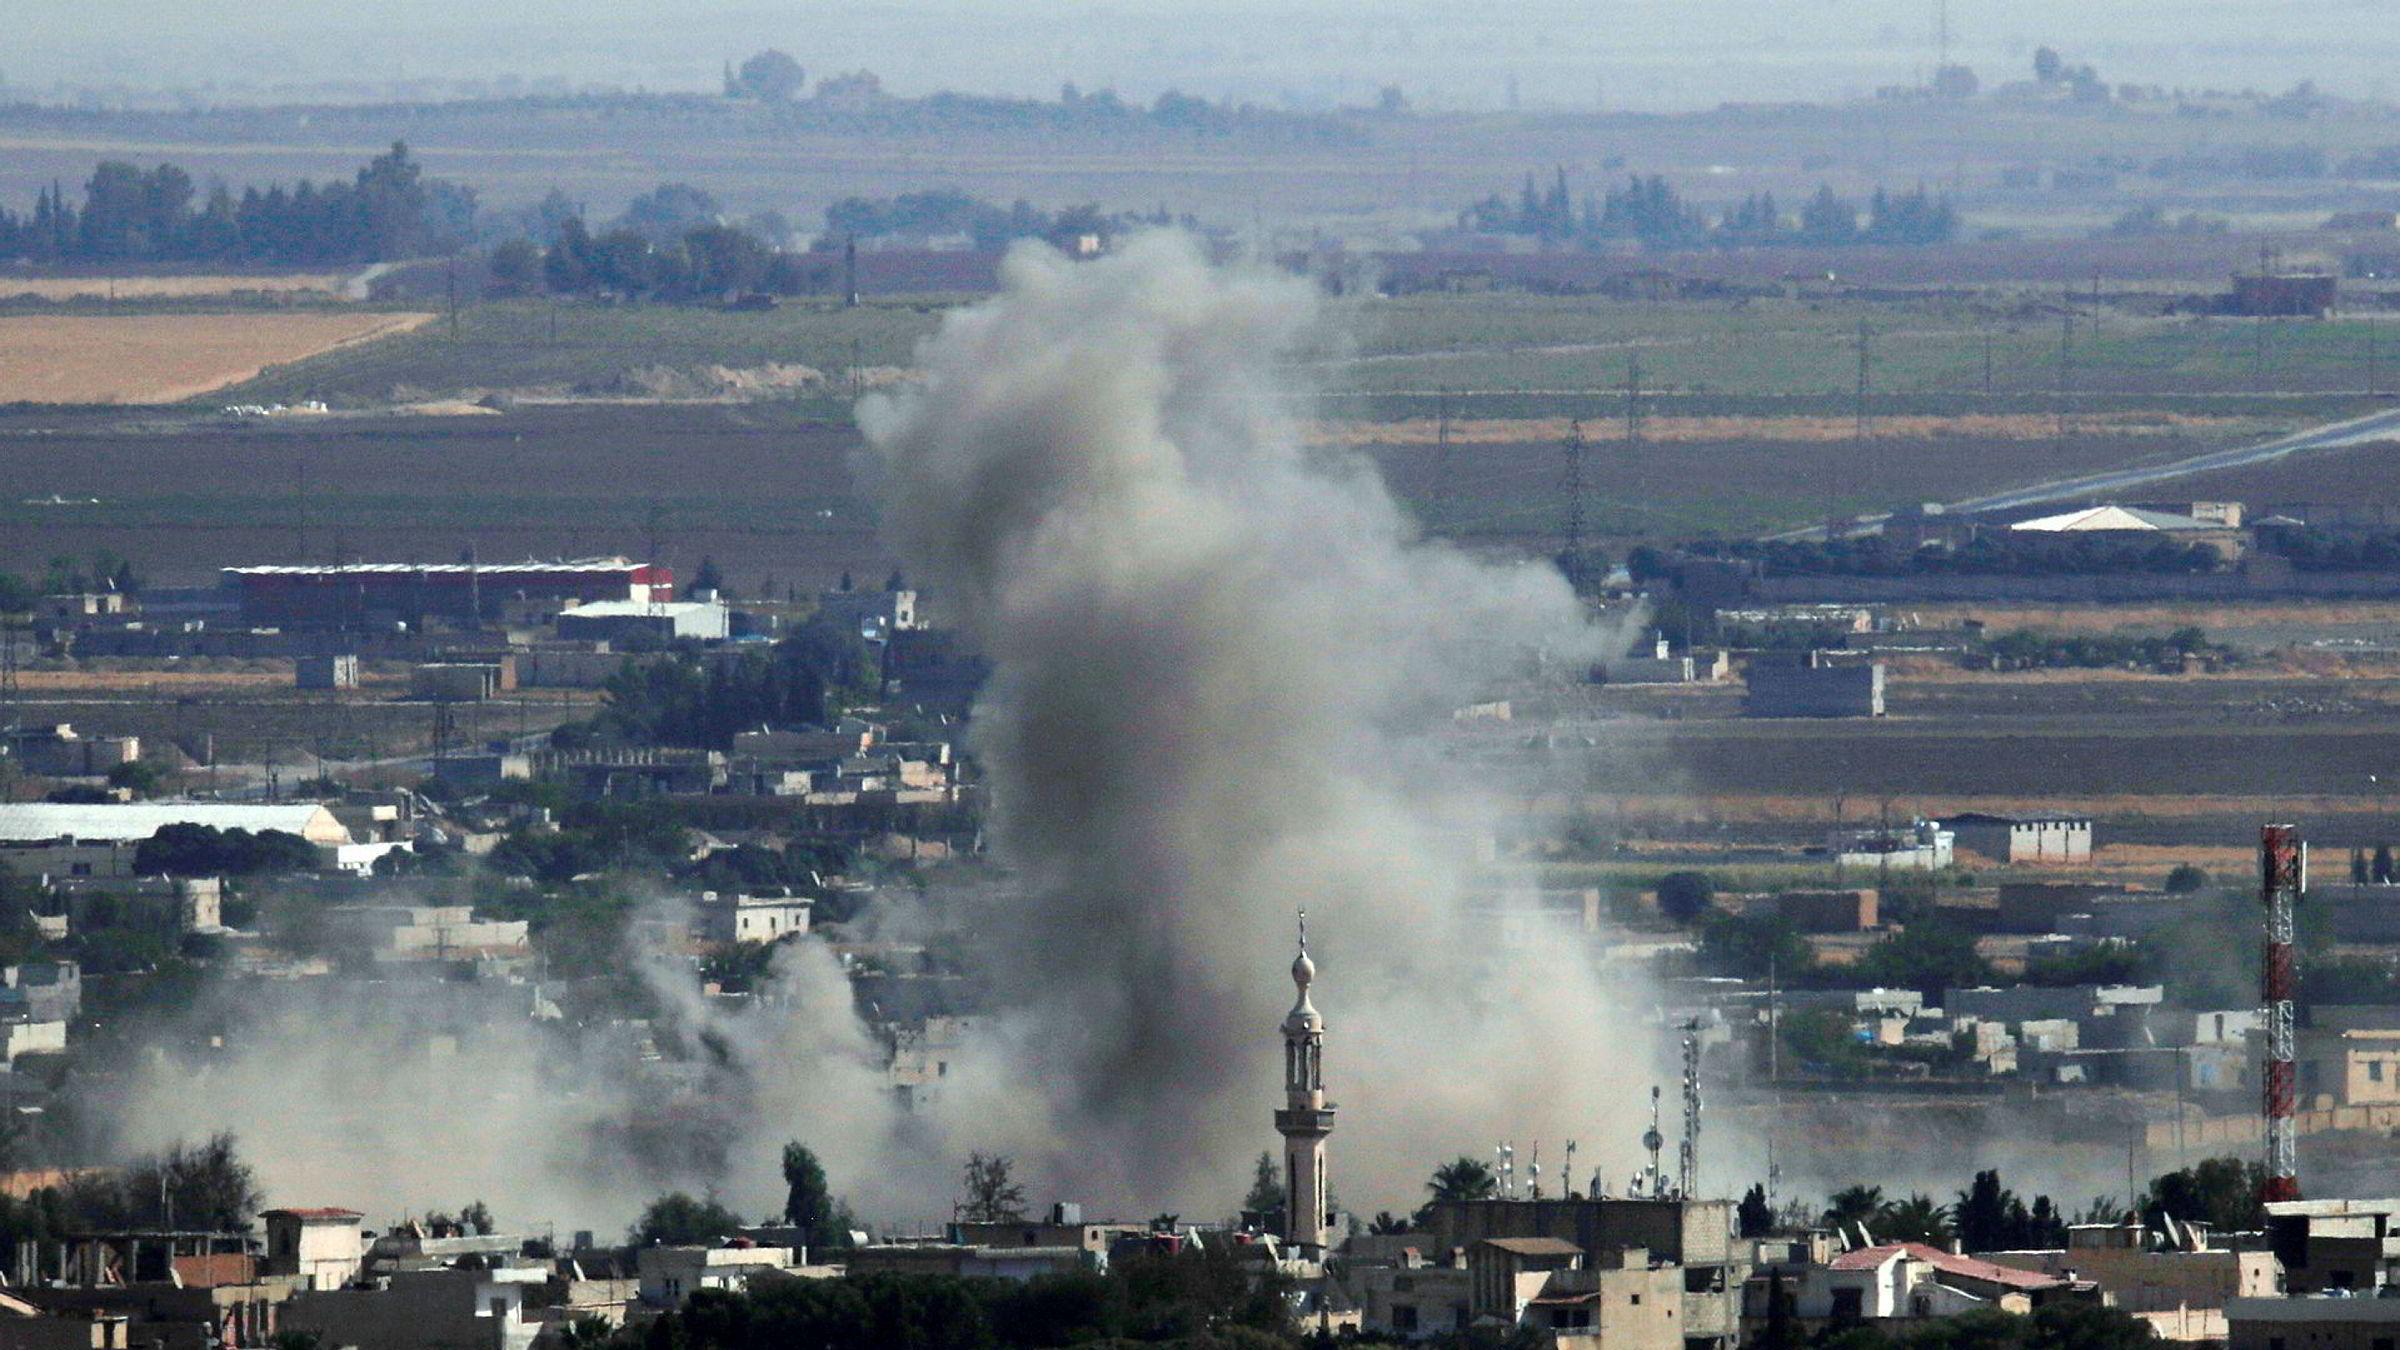 Direkte konflikt mellom Tyrkia og Syria er ett av verste fall-scenarioene Midtøsten-ekspertene har sett for seg.